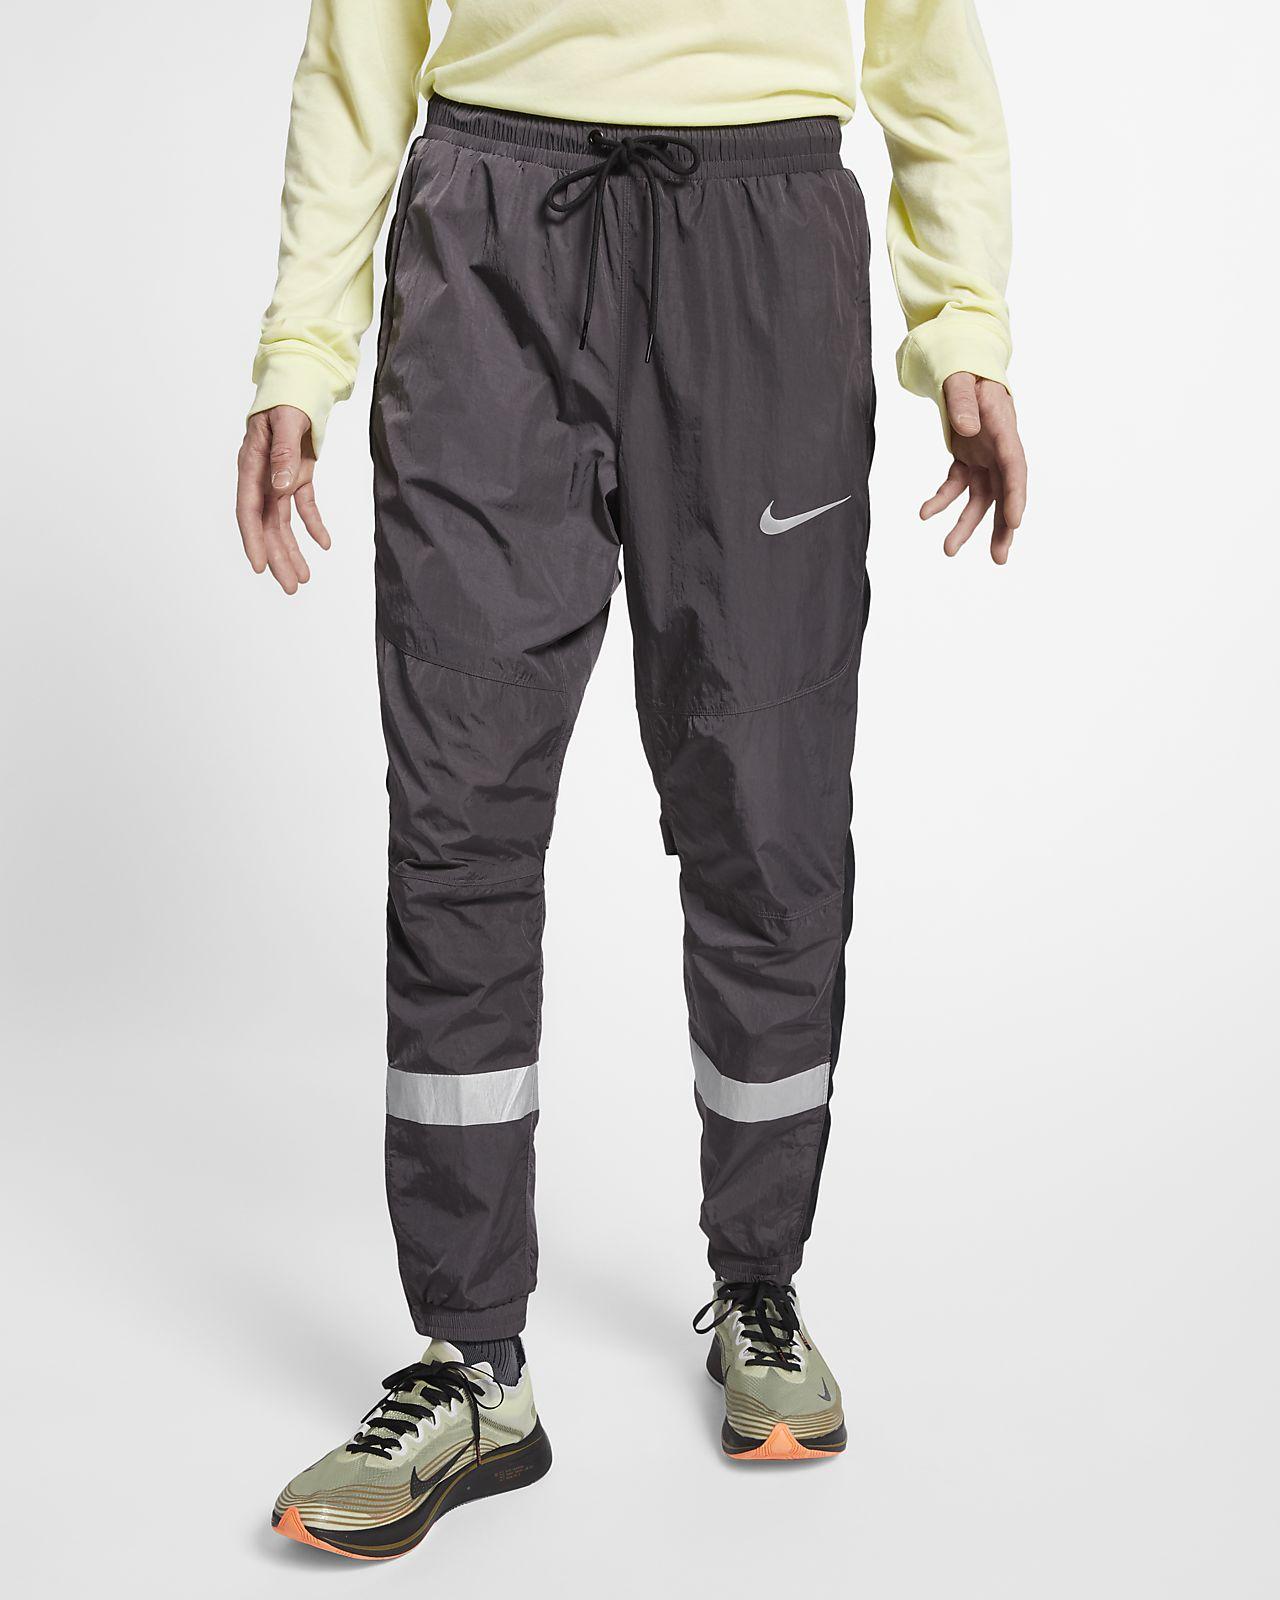 pantalon de running nike homme